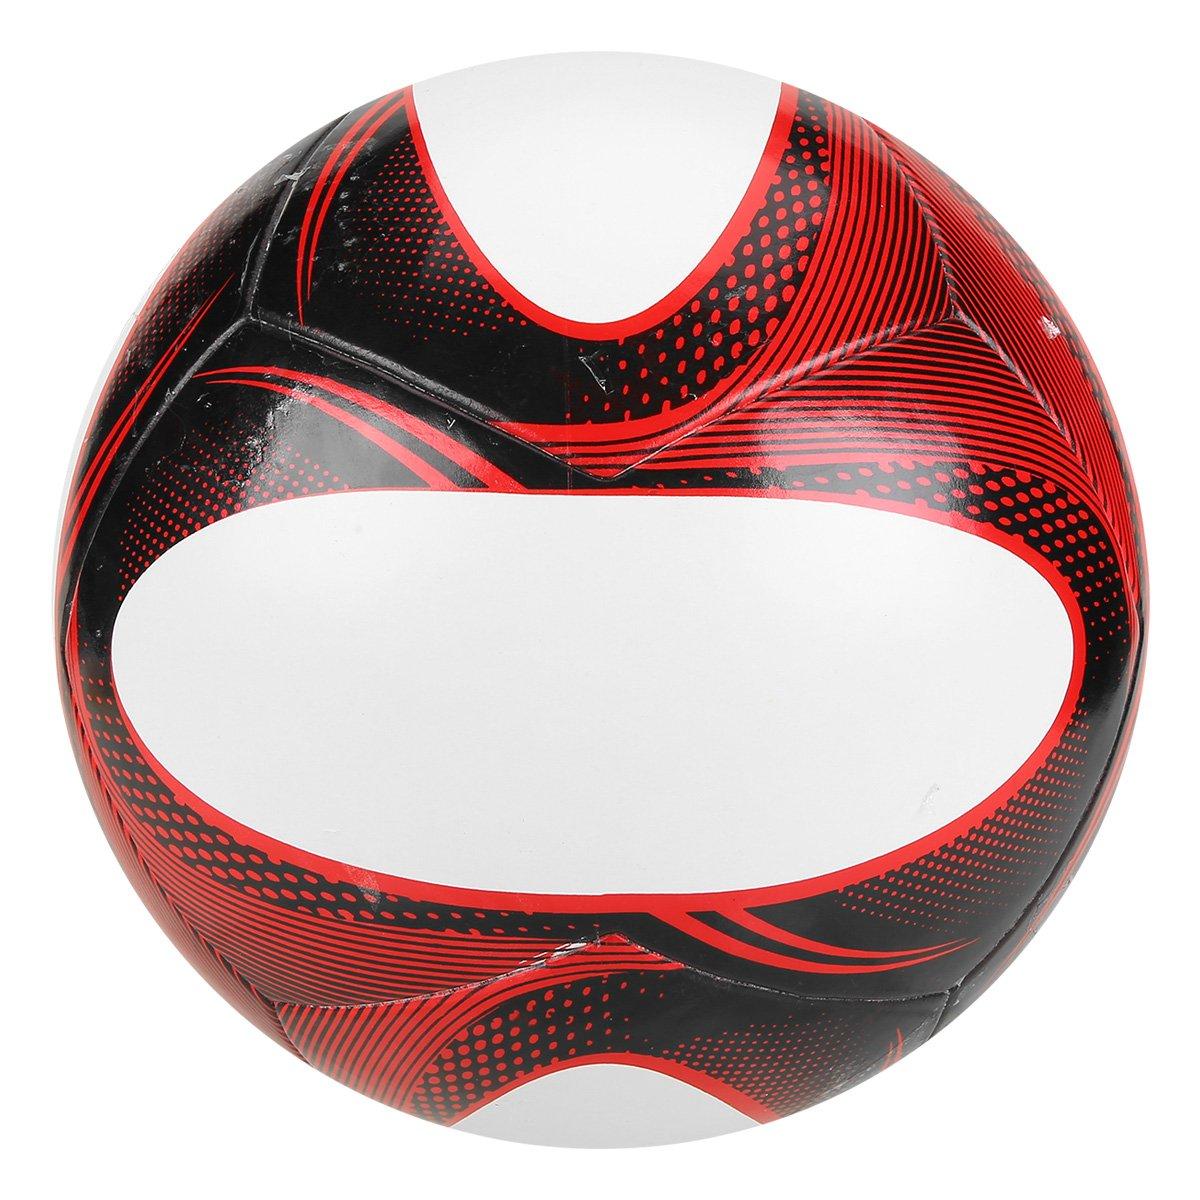 Bola Futebol Society Topper Slick II - Preto e Branco - Compre Agora ... f005bcd840650